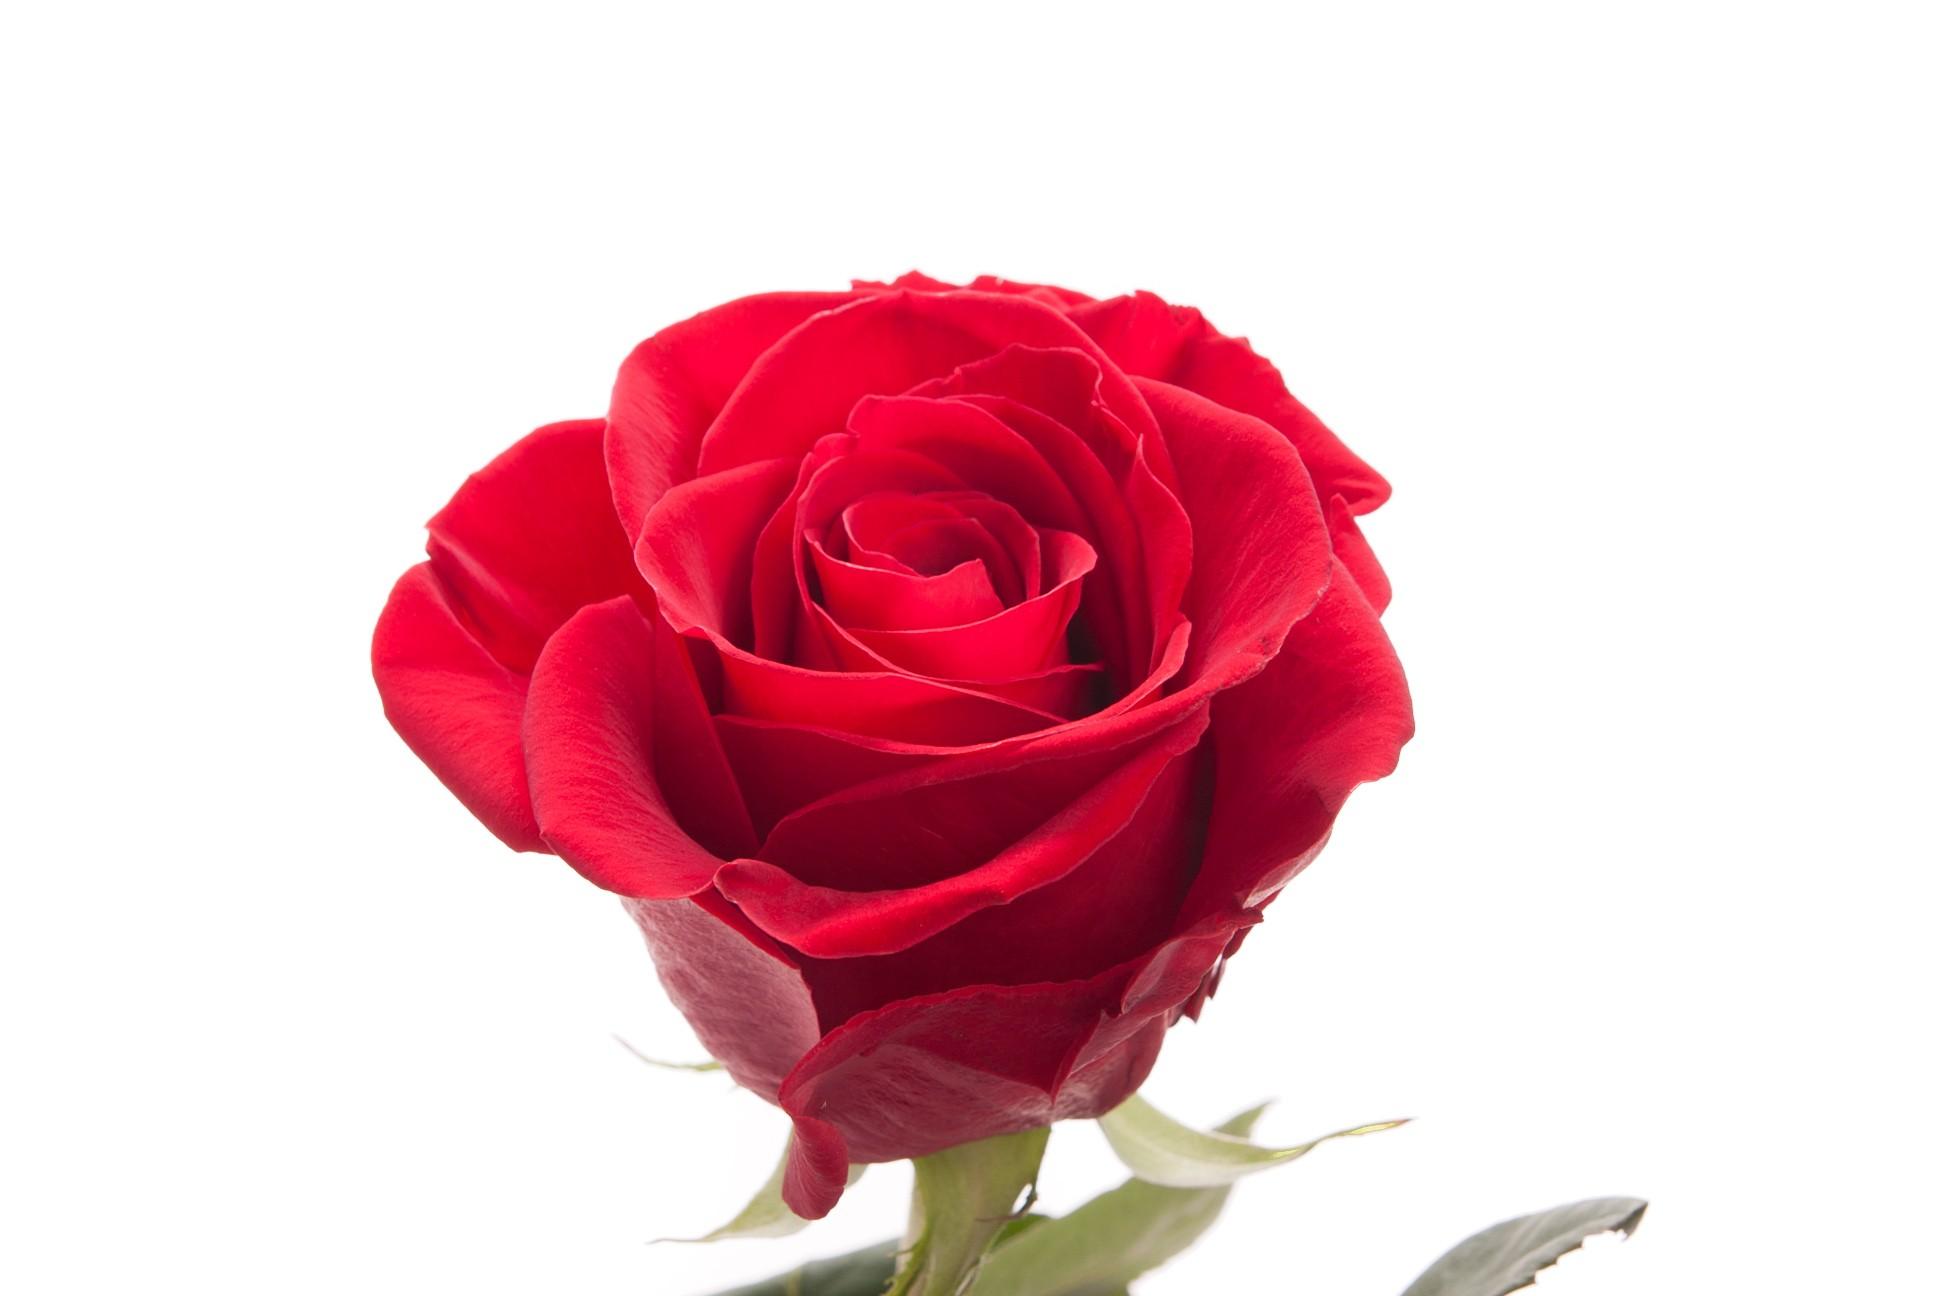 Red Rose clipart flower stalk #2